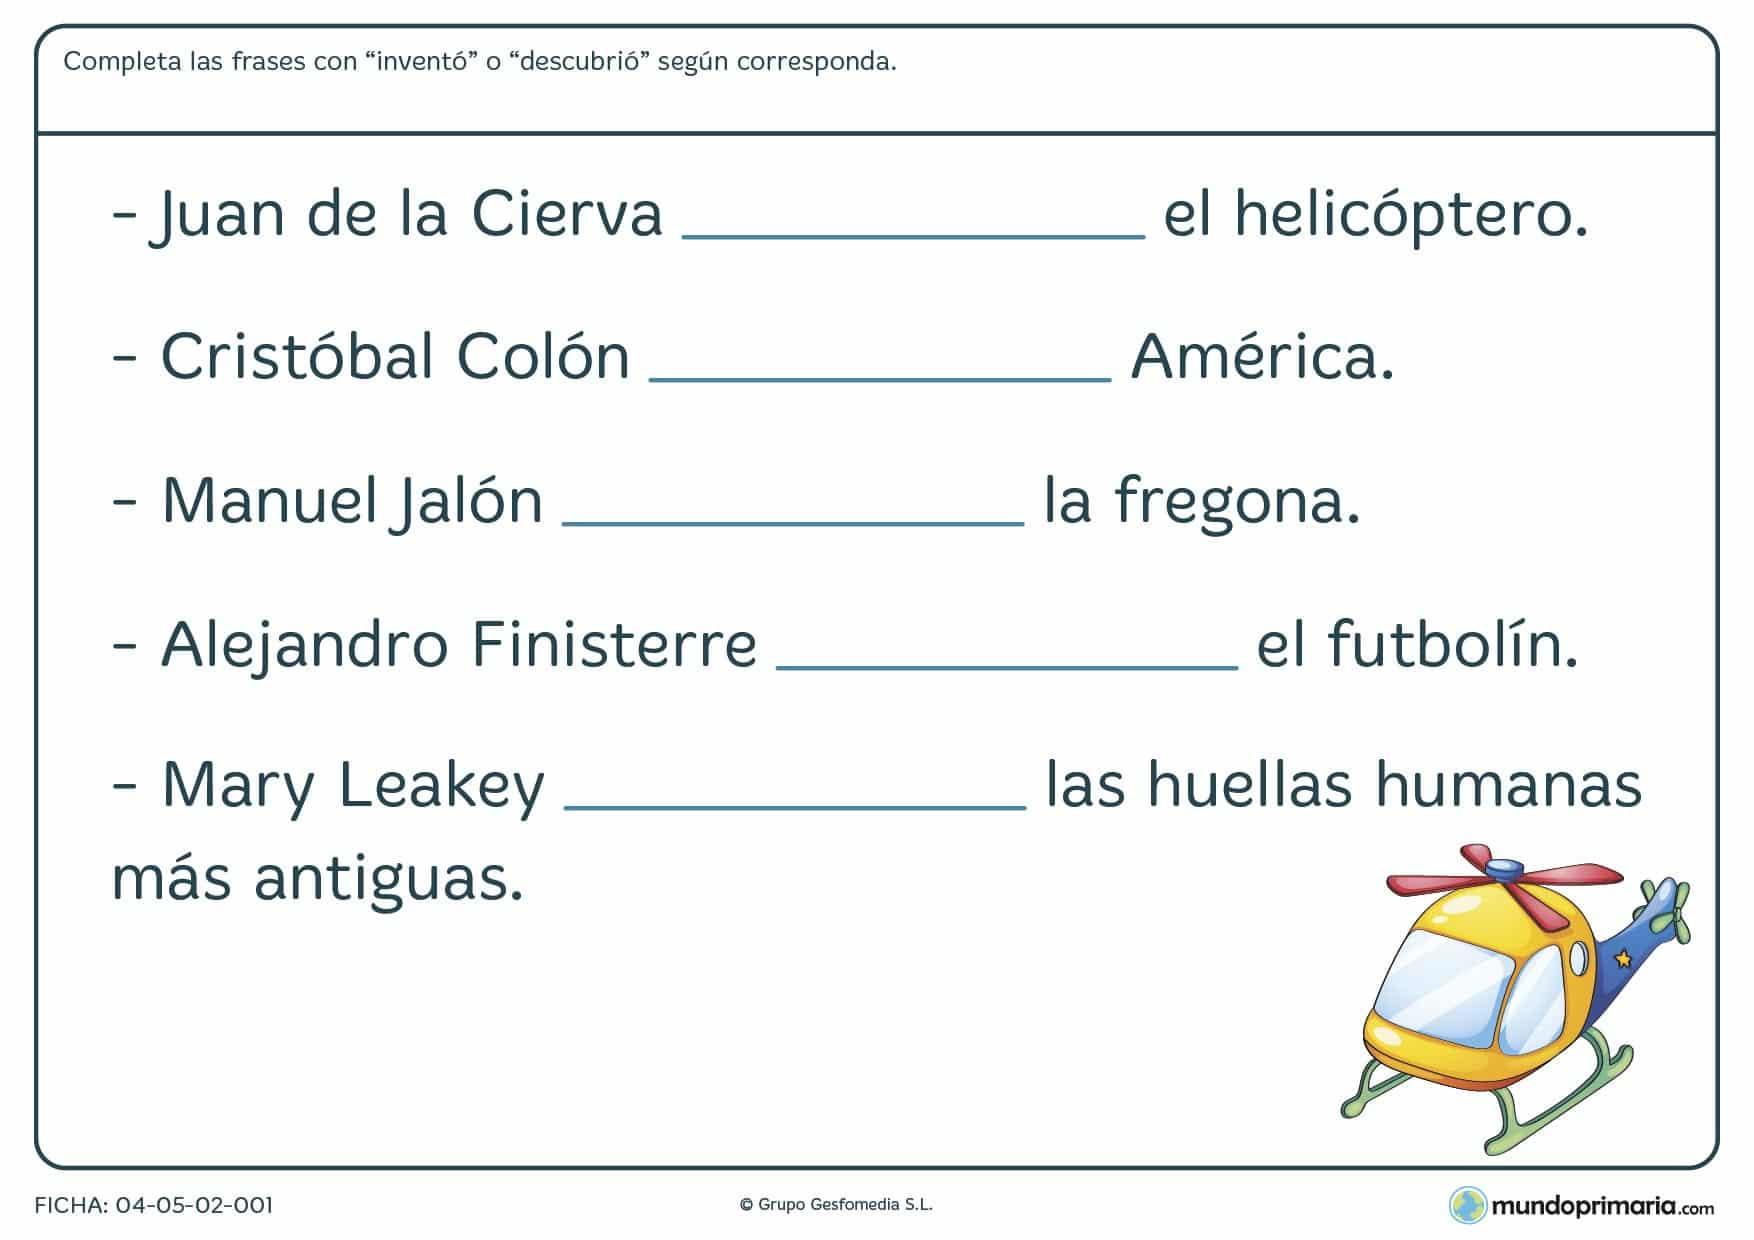 Fichas de inventos y descubrimientos en la que has de escribir el término descubrió o inventó, según corresponda.